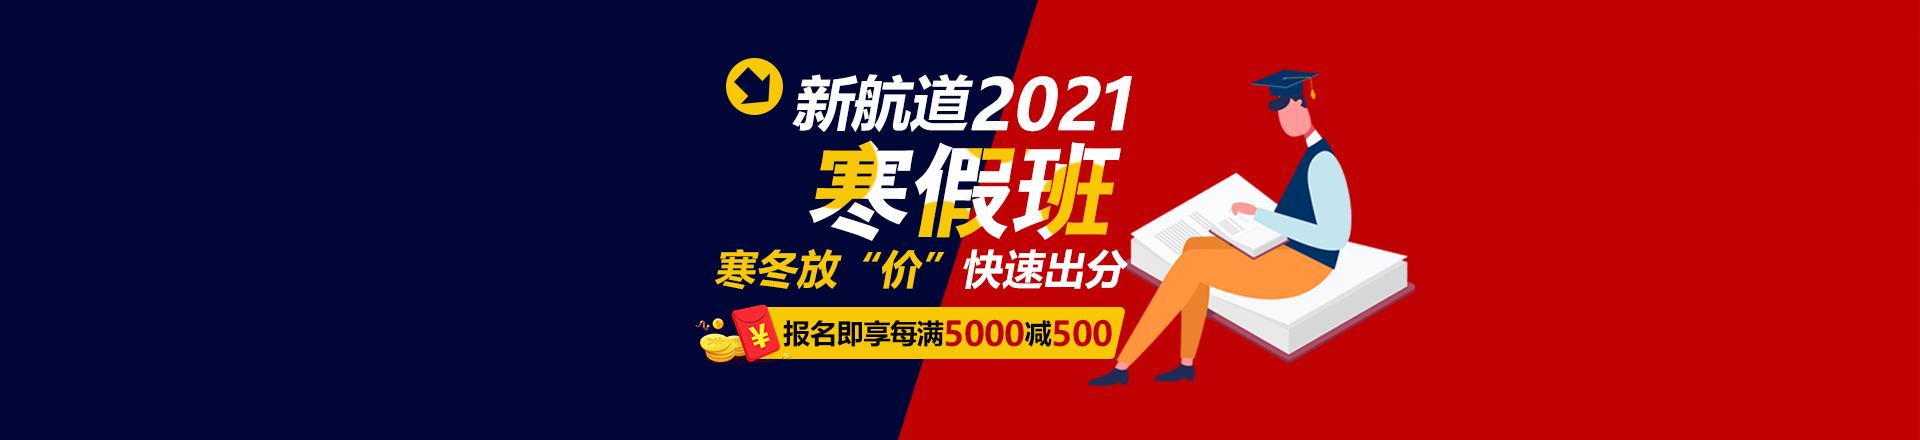 2021年雅思托福sat寒假班